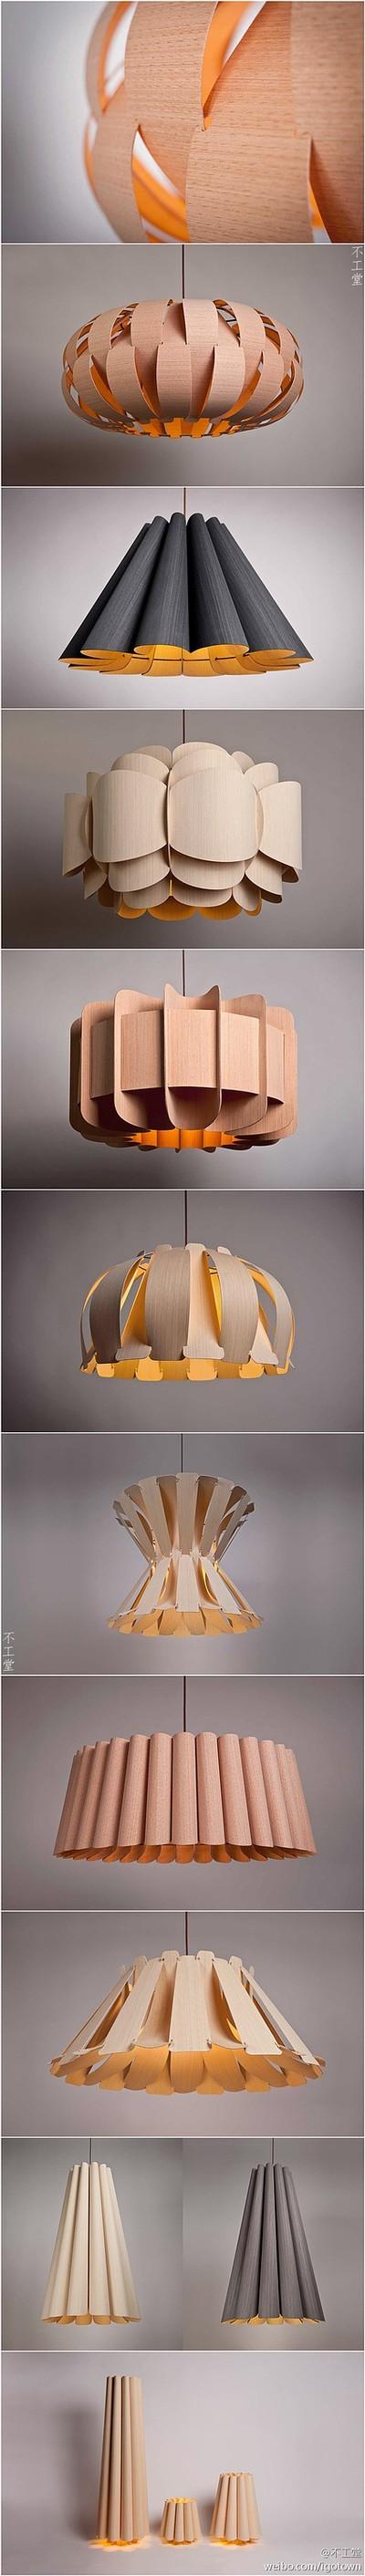 Pendant lighting diy from wood vaneer